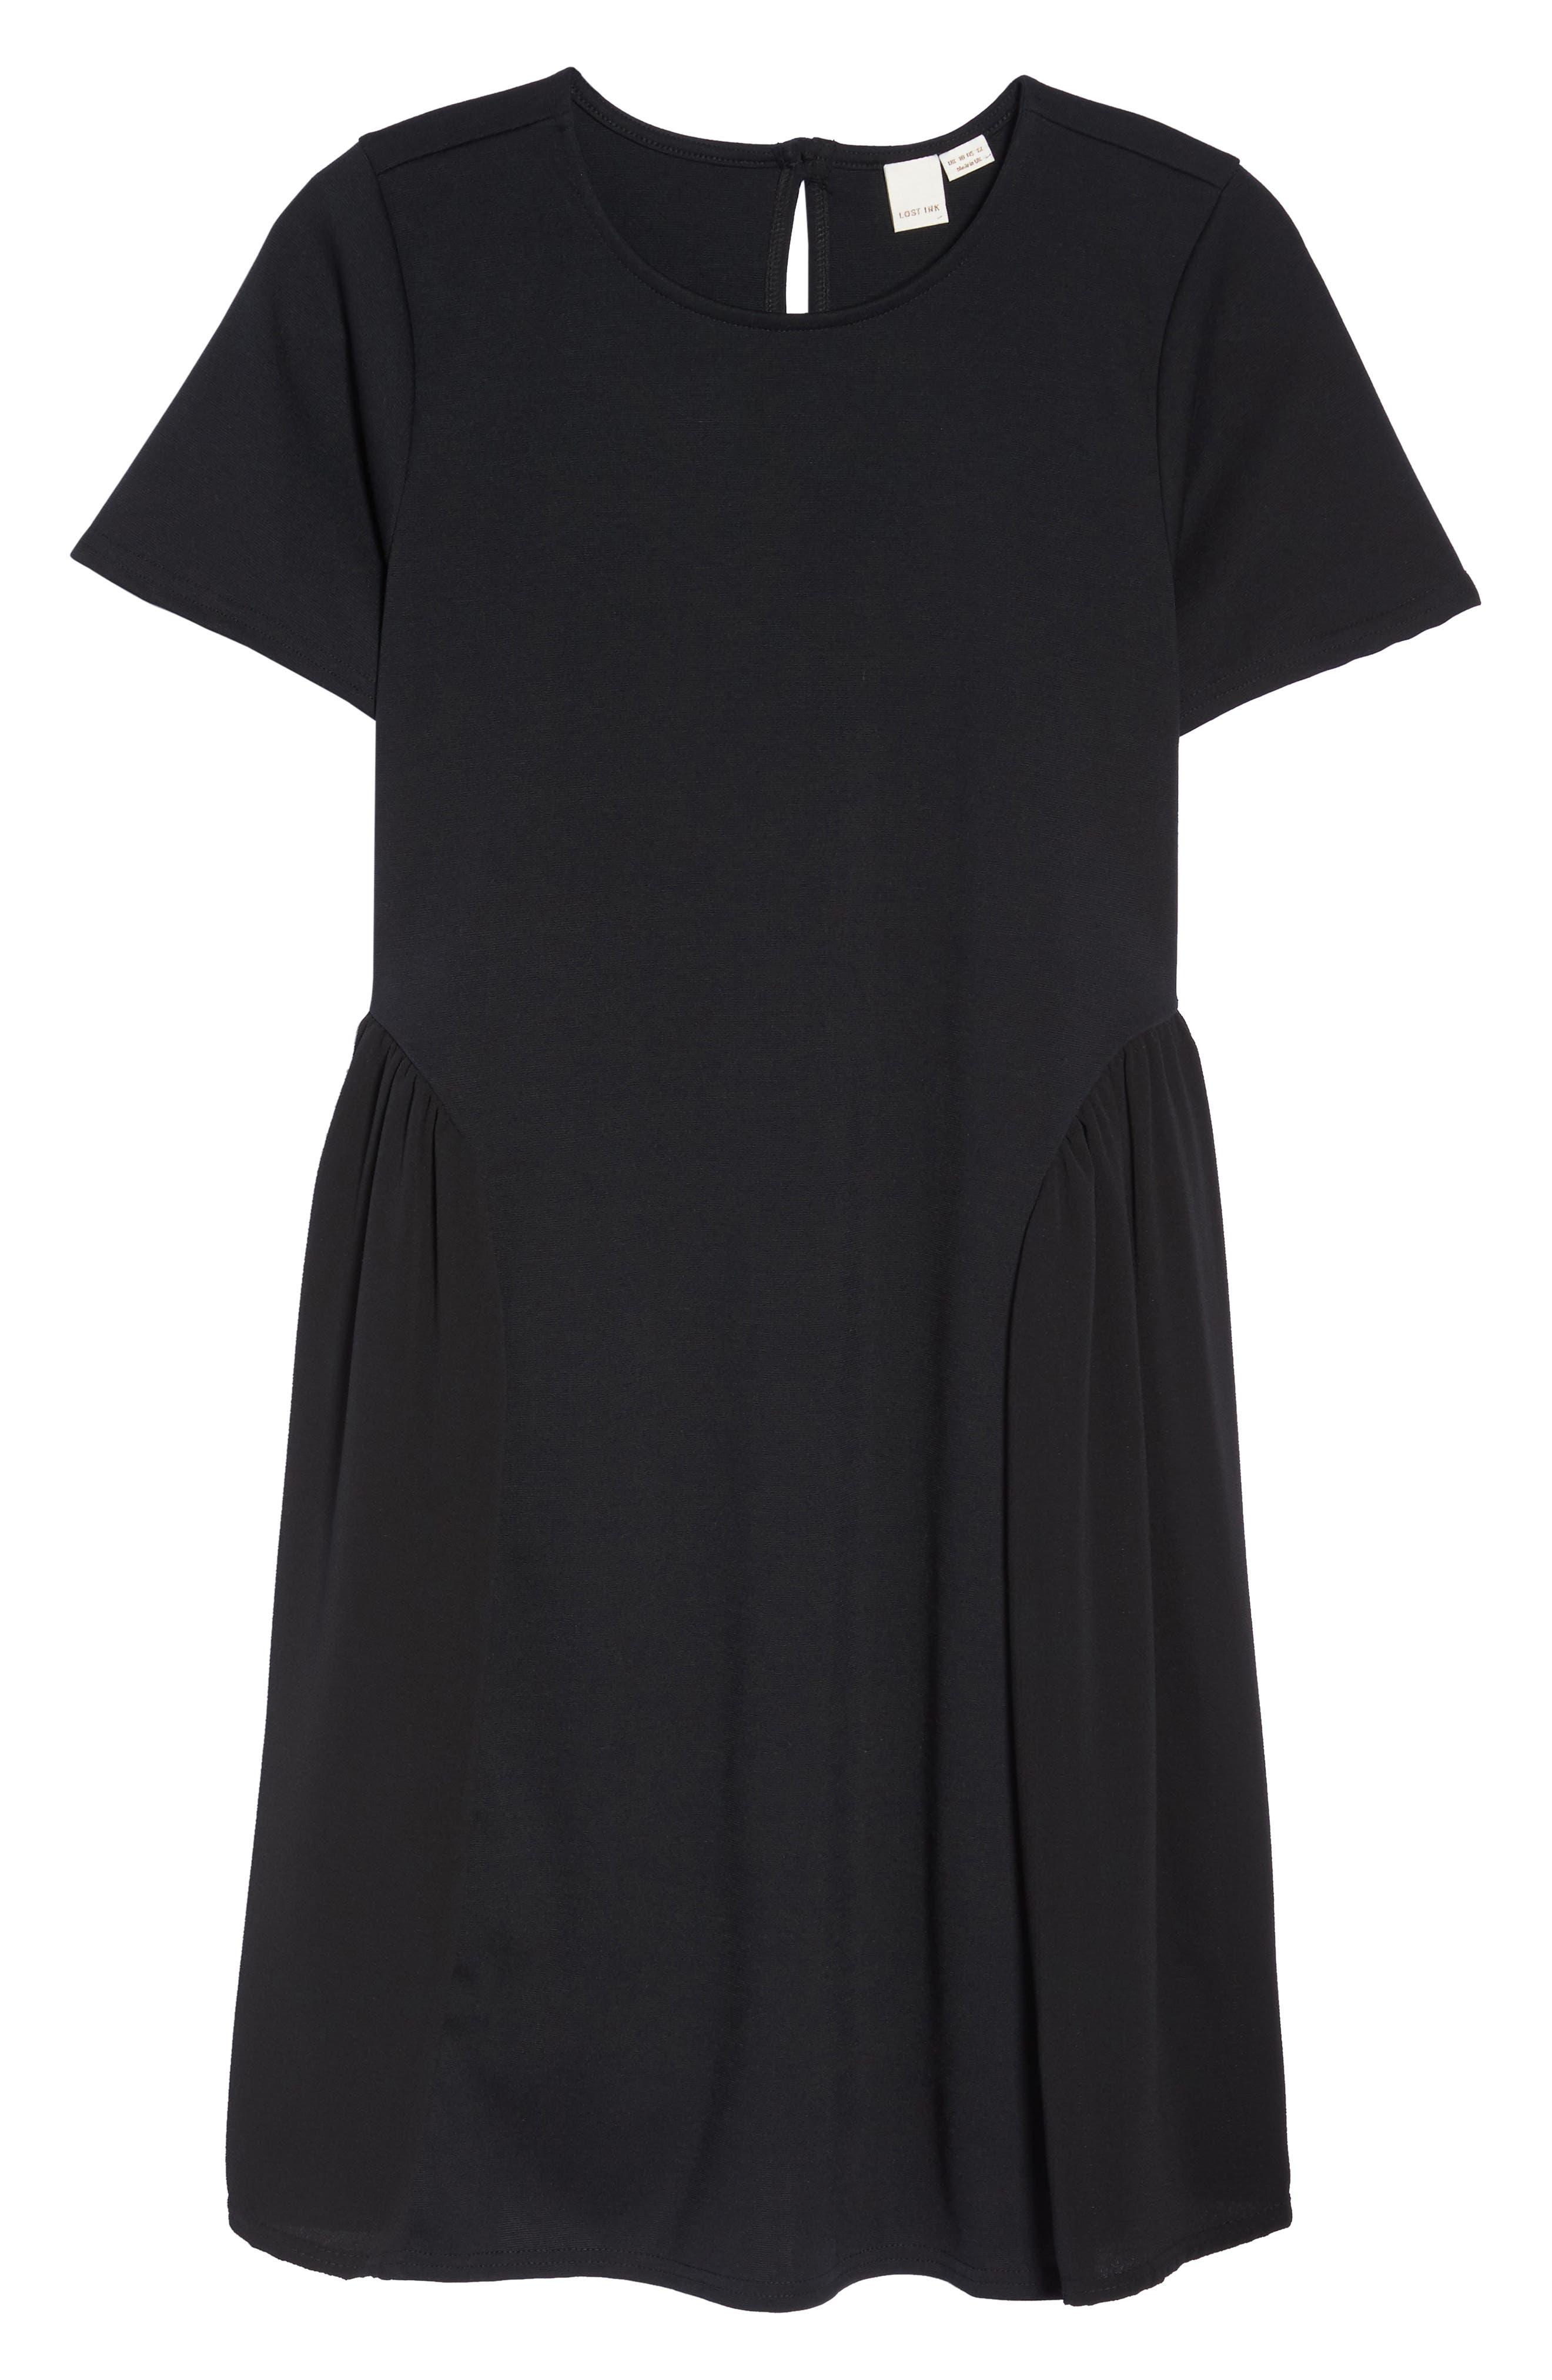 Crepe Chiffon Swing Dress,                             Alternate thumbnail 6, color,                             Black